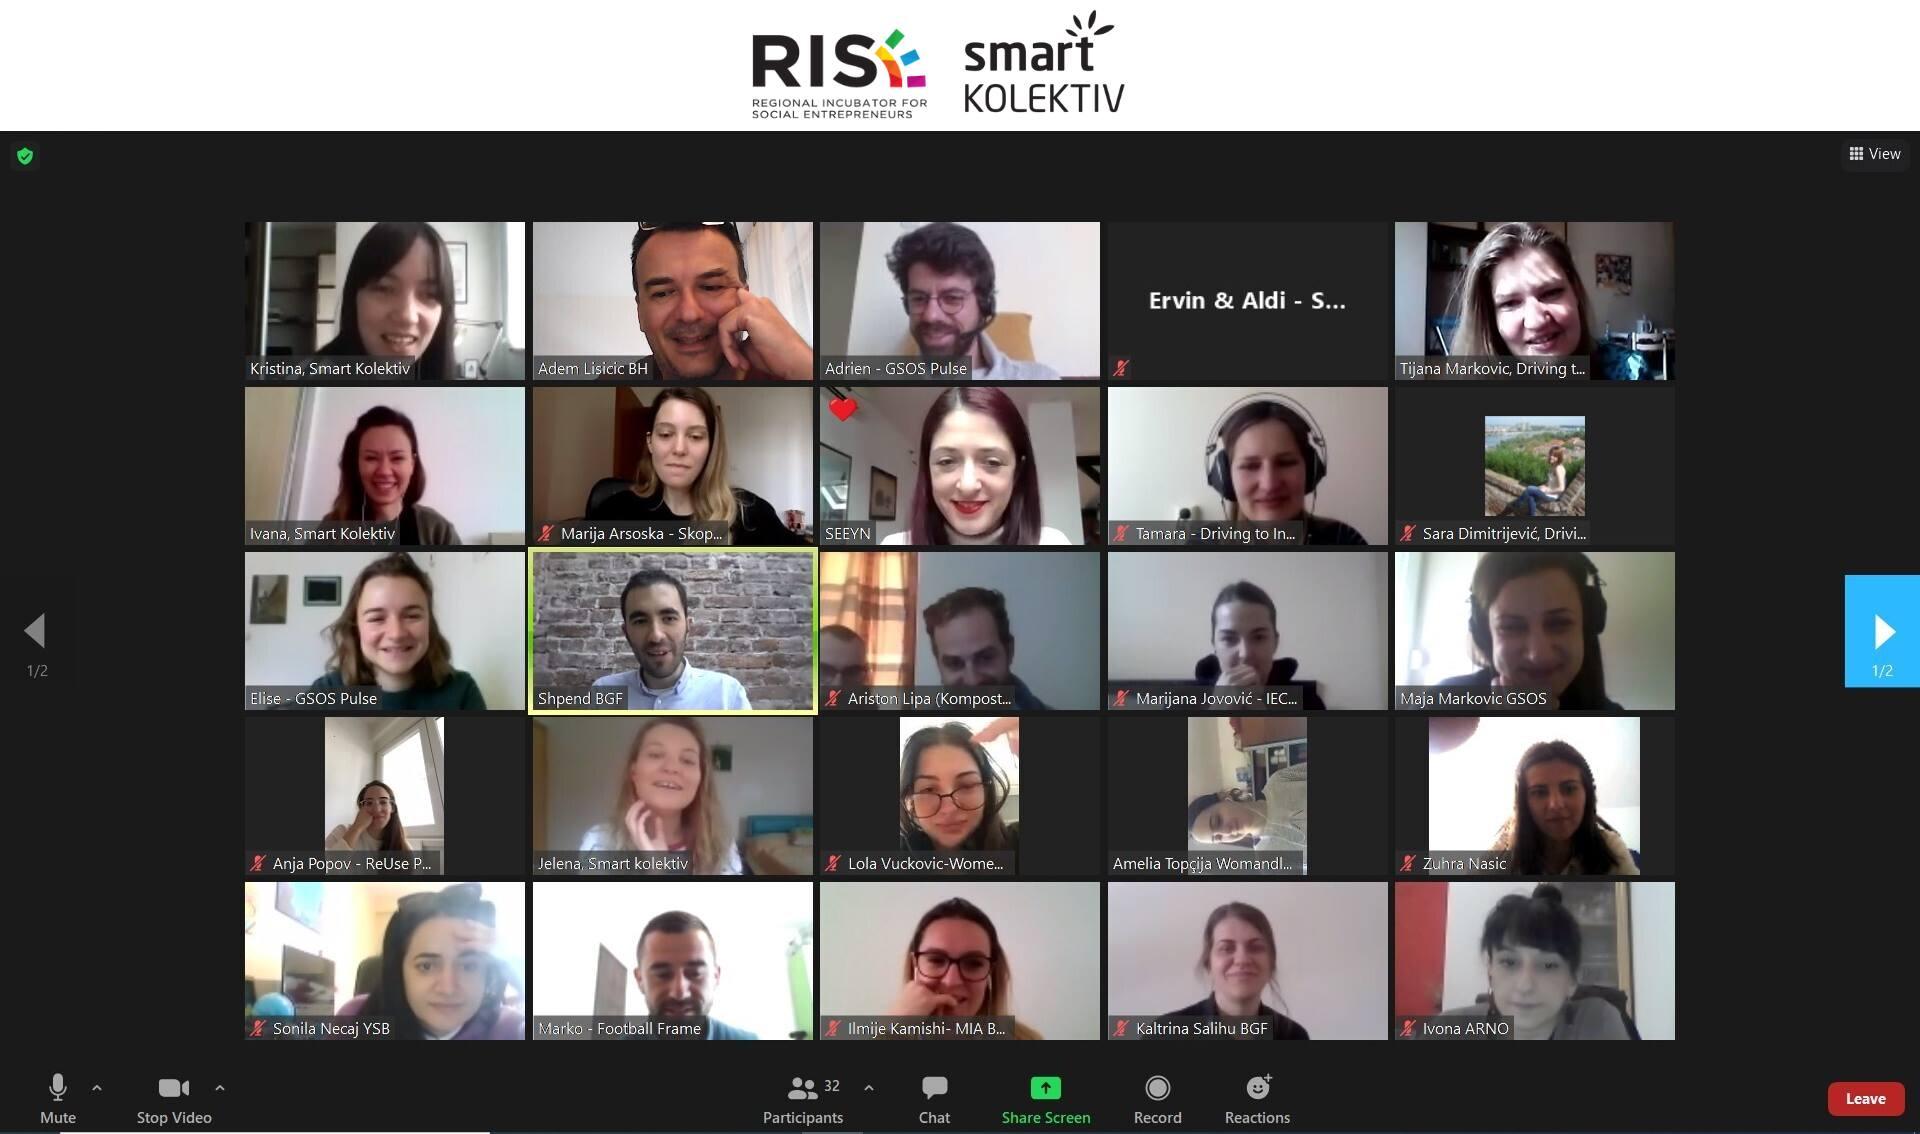 Otpočela je druga faza RISE programa za mlade – Faza Inkubacije!